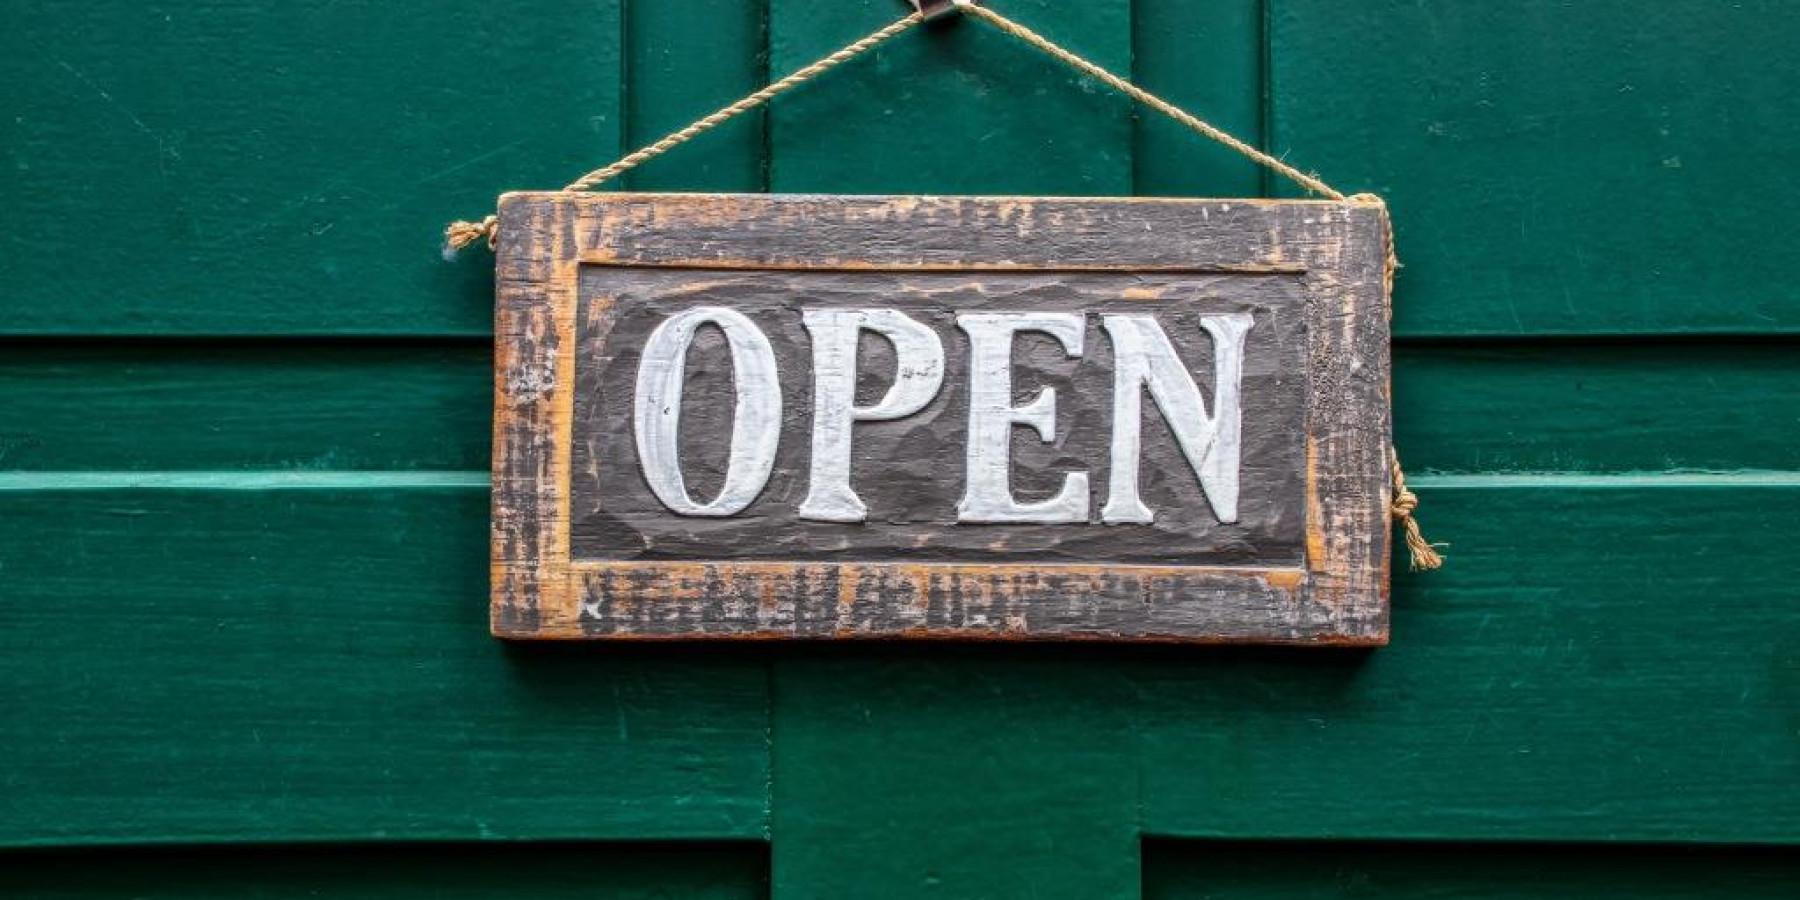 Wichtige Terminänderung: Eröffnungsrundgang Grüne Woche 2020 am 17. Januar beginnt bereits um 7.30 Uhr